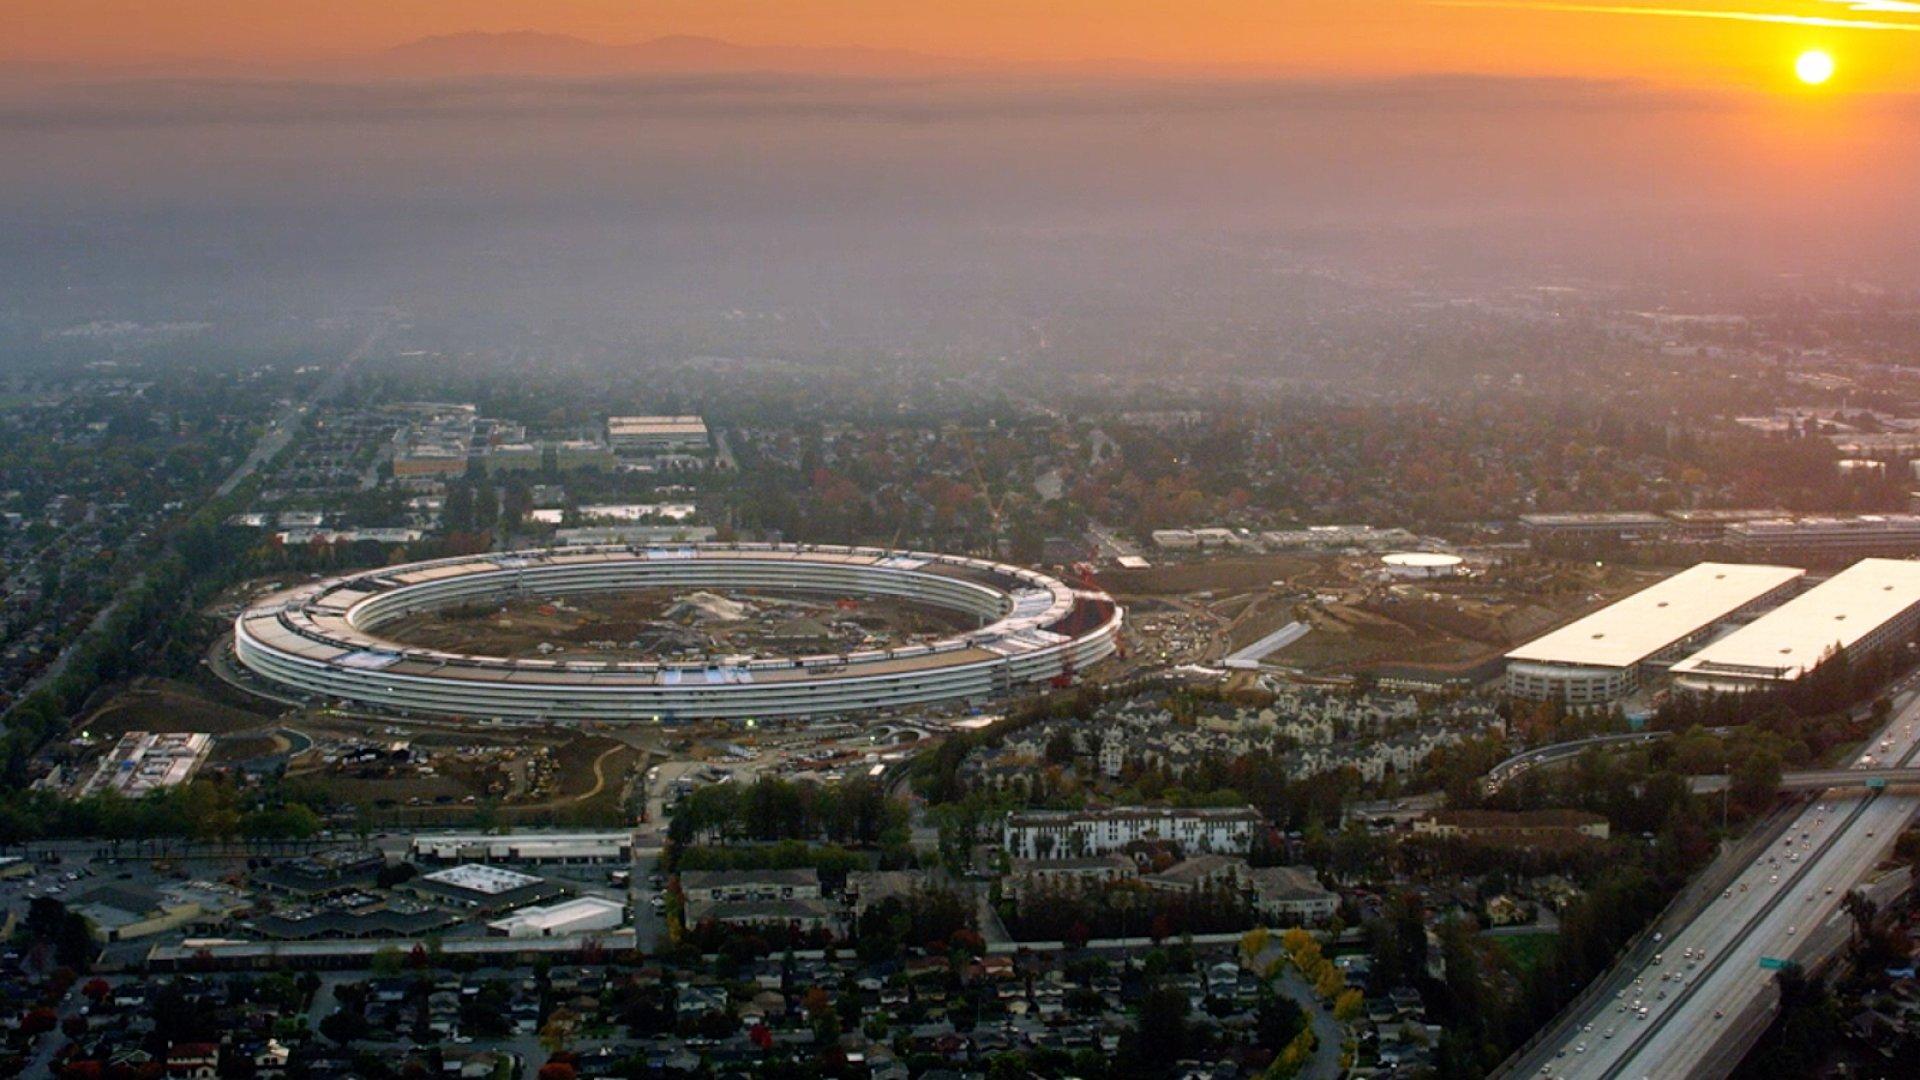 Apple's new headquarters in Cupertino, California.